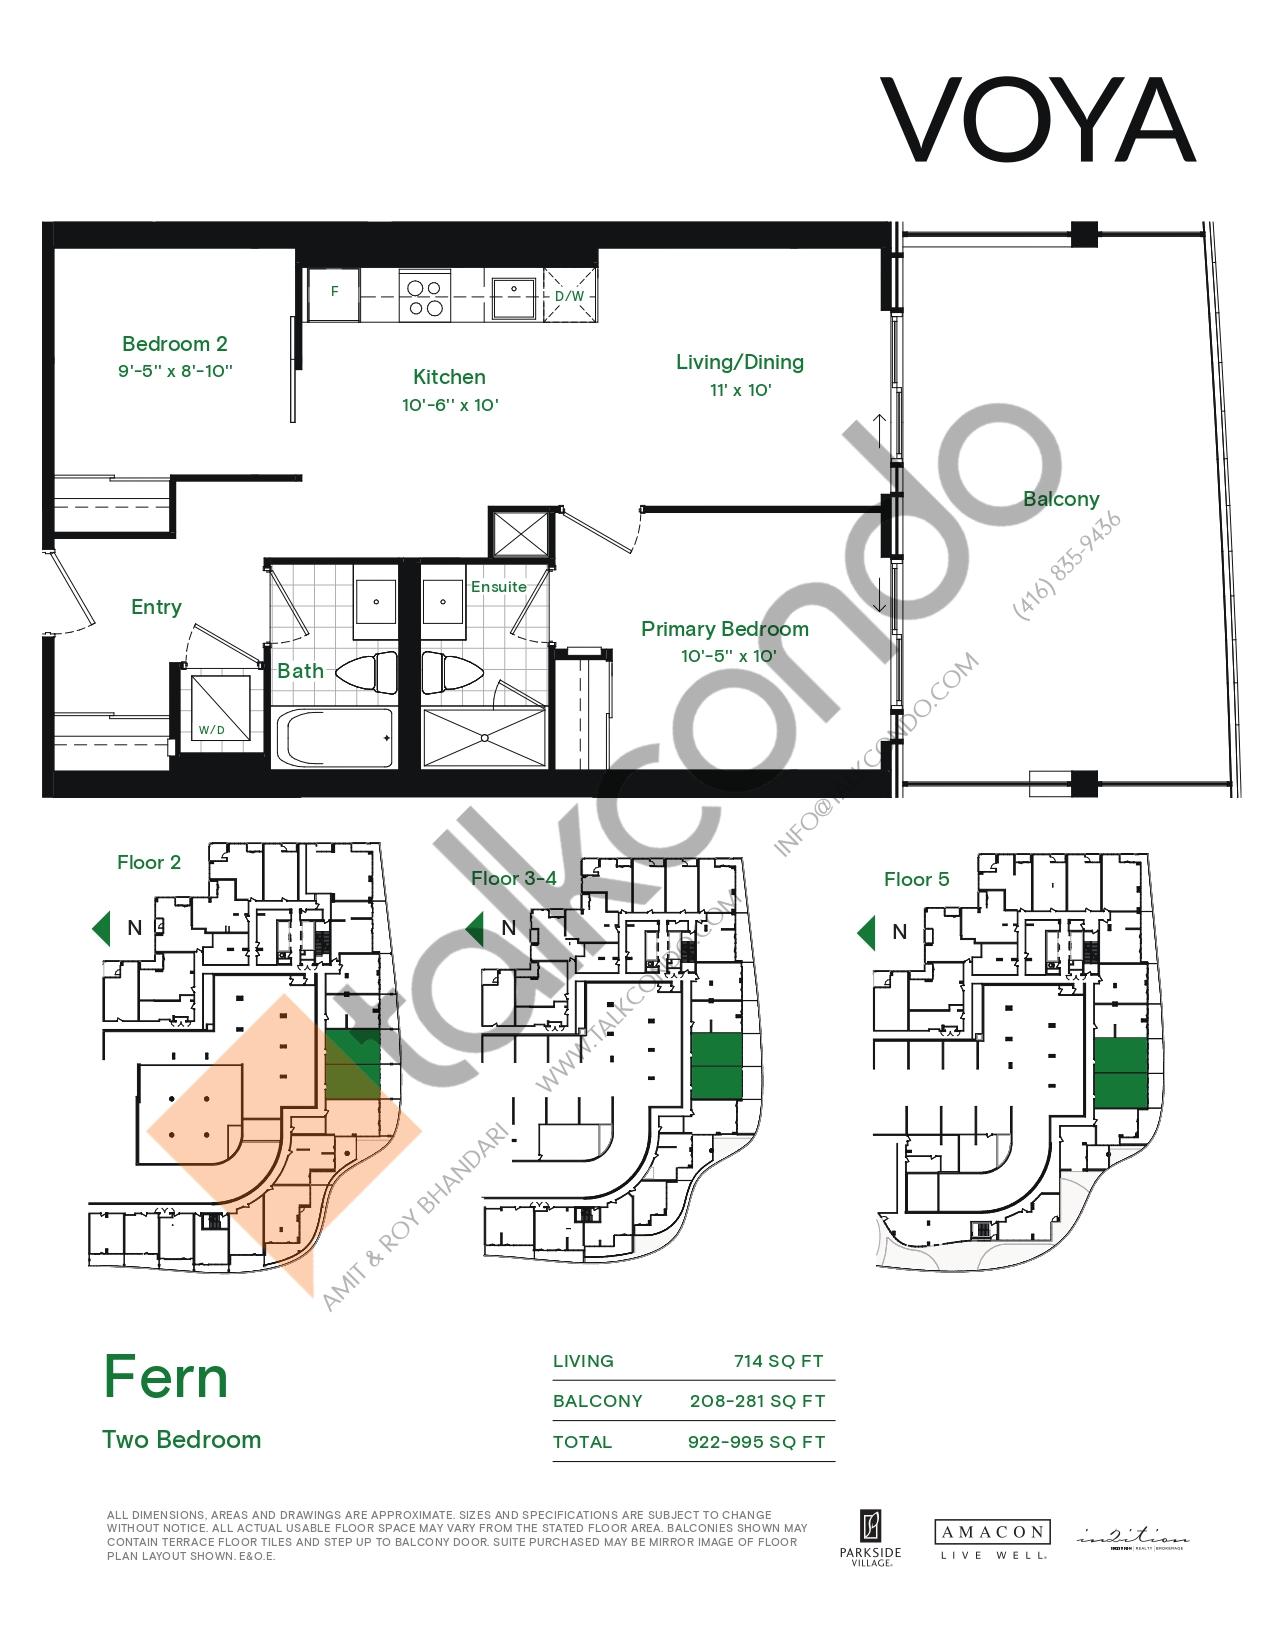 Fern (Podium) Floor Plan at Voya at Parkside Village Condos - 714 sq.ft